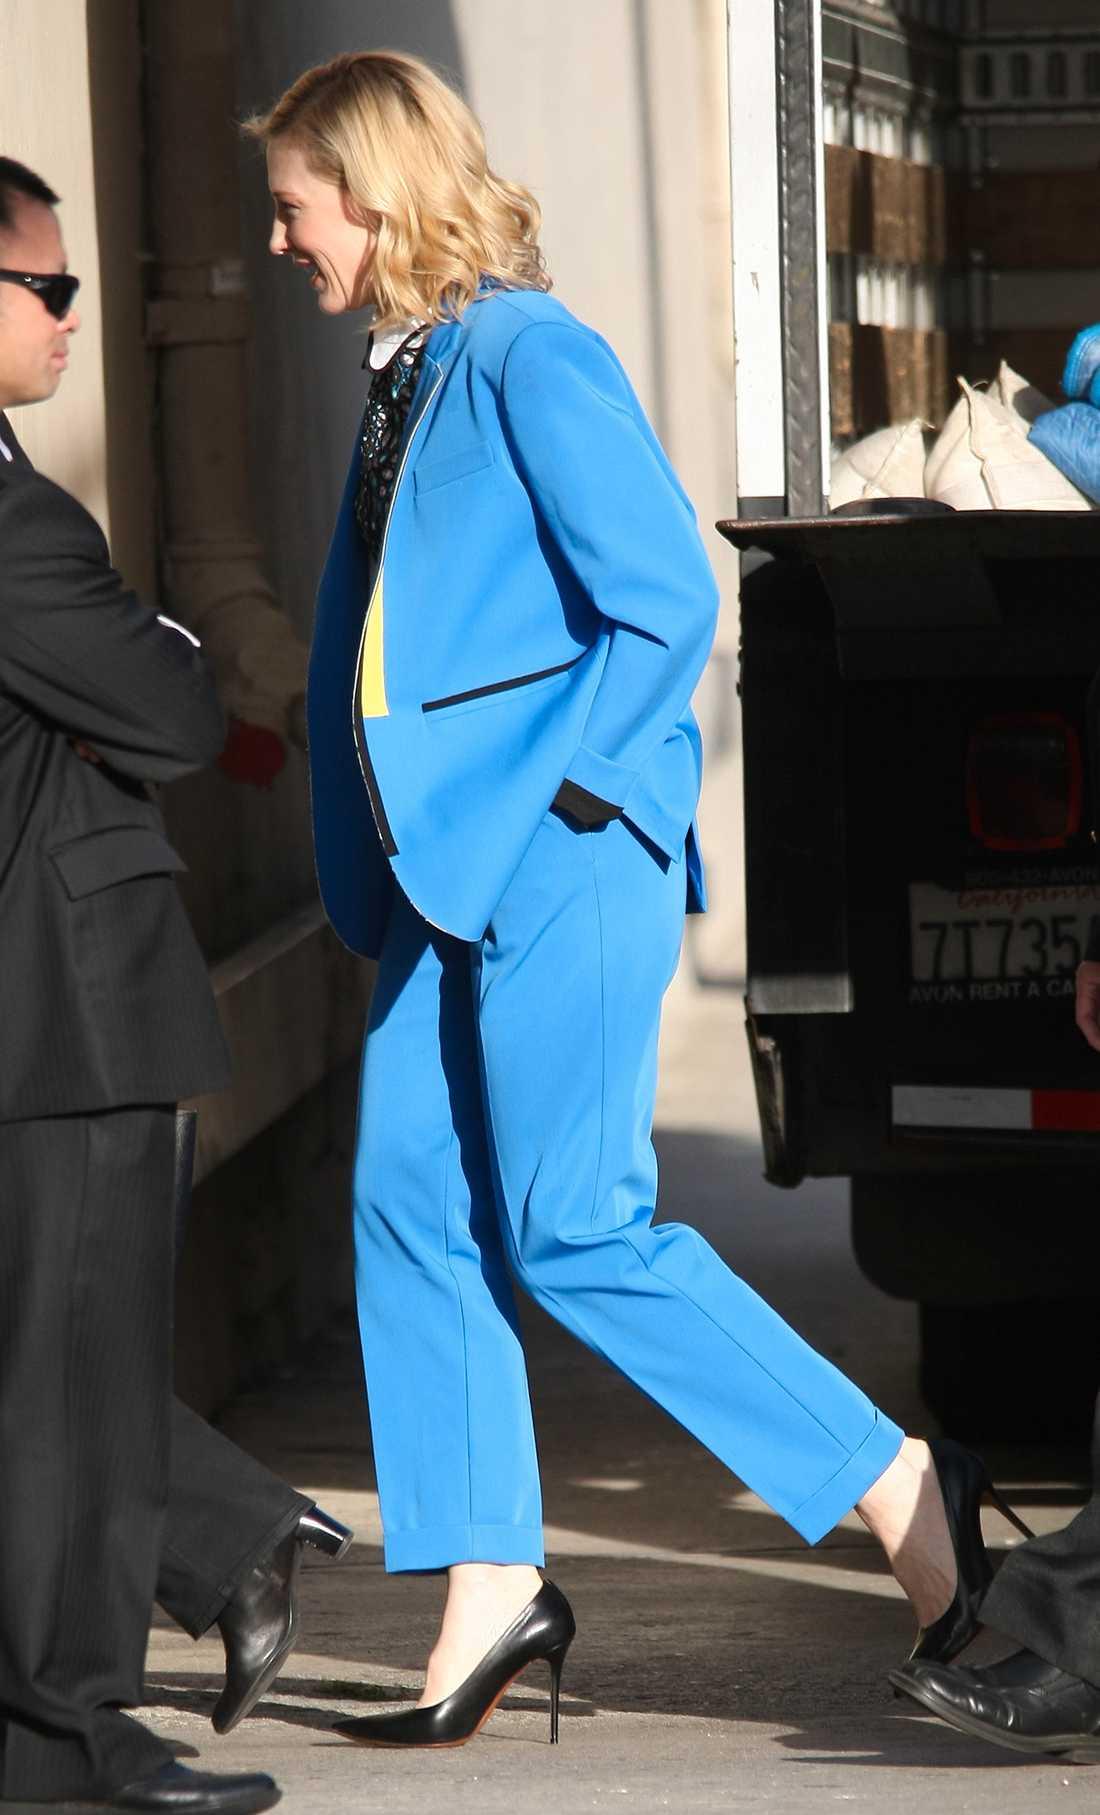 Cate Blanchett Cate valde en härligt färgglad kostym i avslappnad passform. Supersnyggt tycker vi!